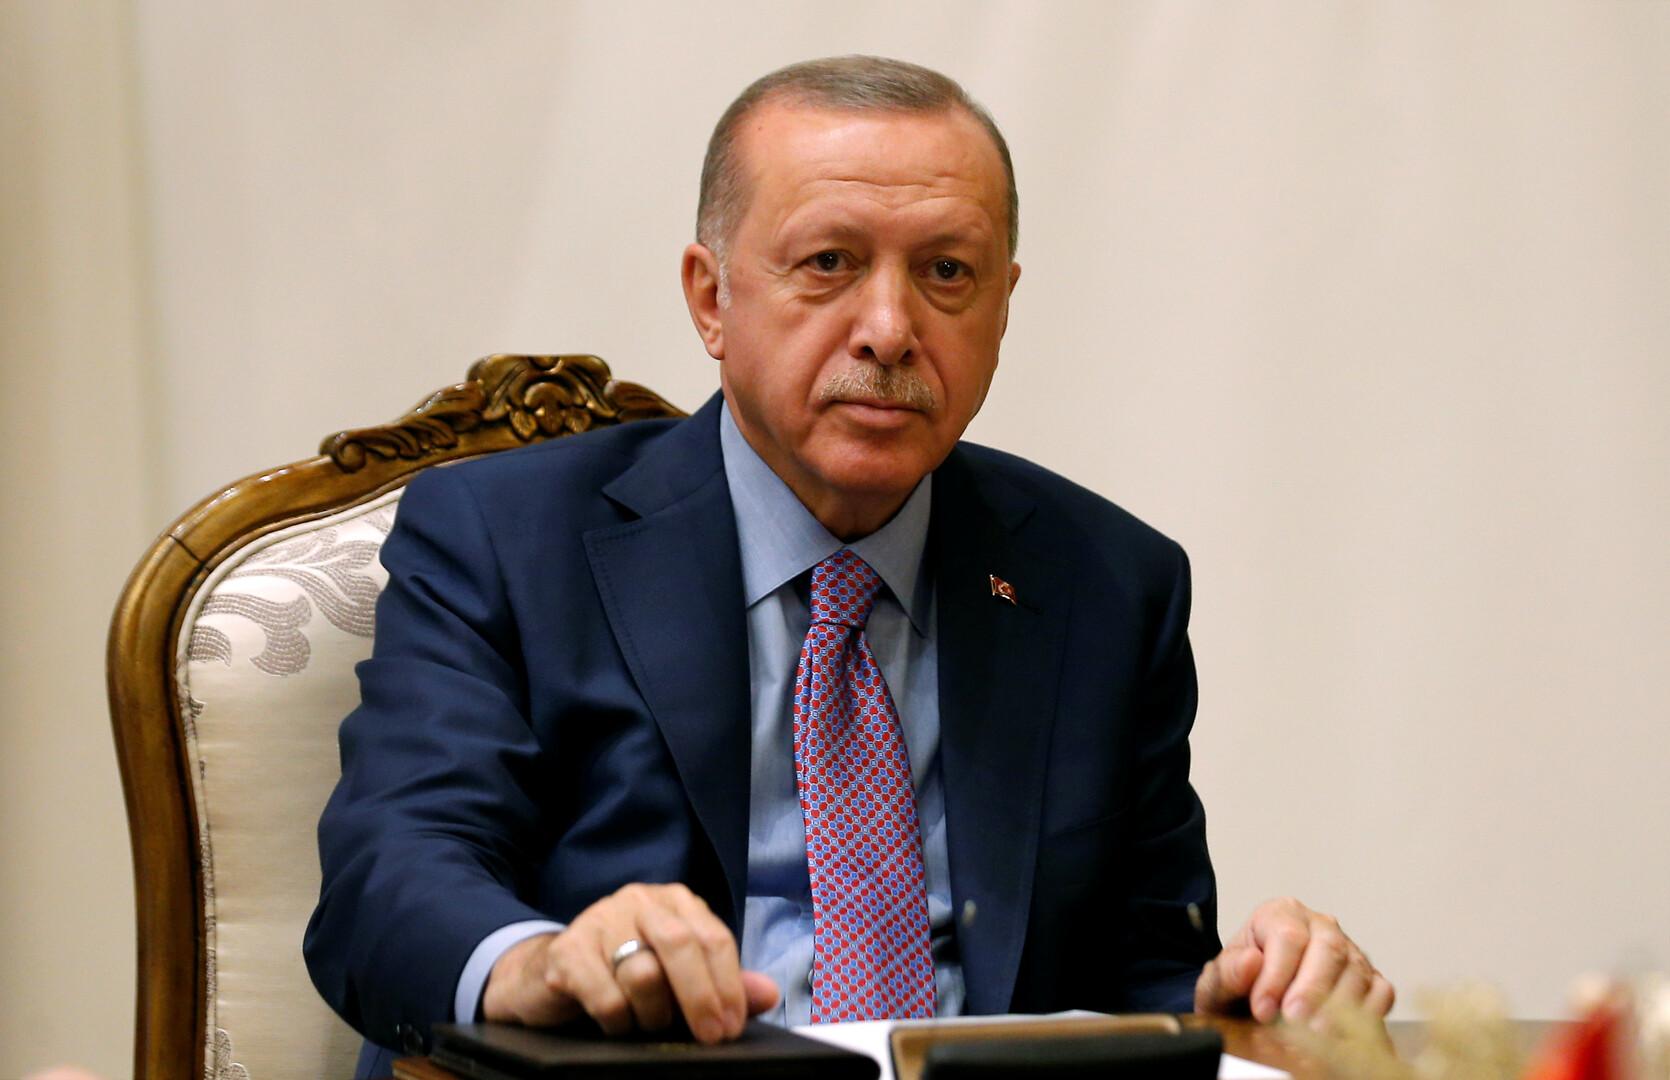 أردوغان: لن نسمح أبدا لشركات السجائر الإلكترونية بالعمل في تركيا